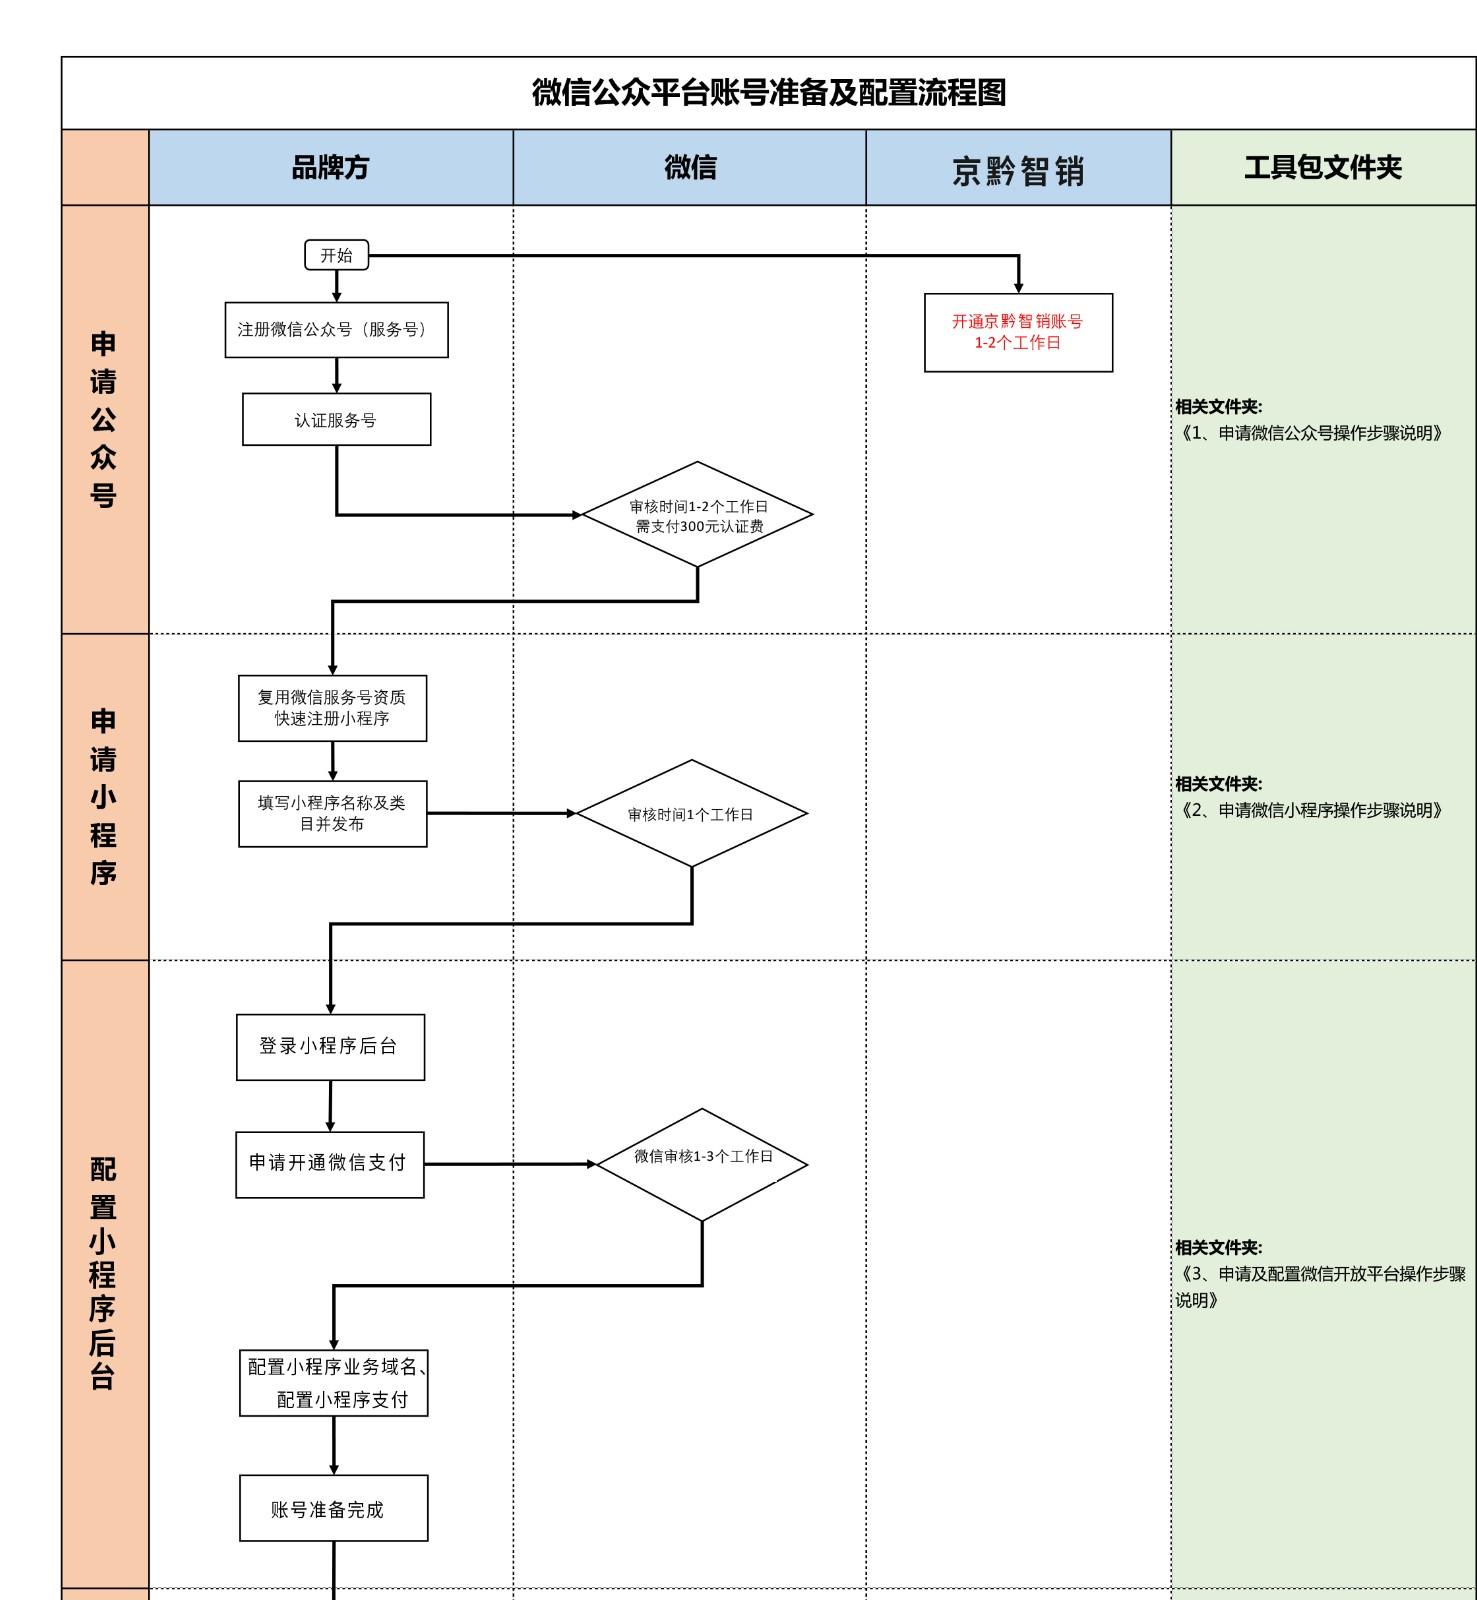 课程1附件、微信公众平台账号准备及配置流程图.jpg